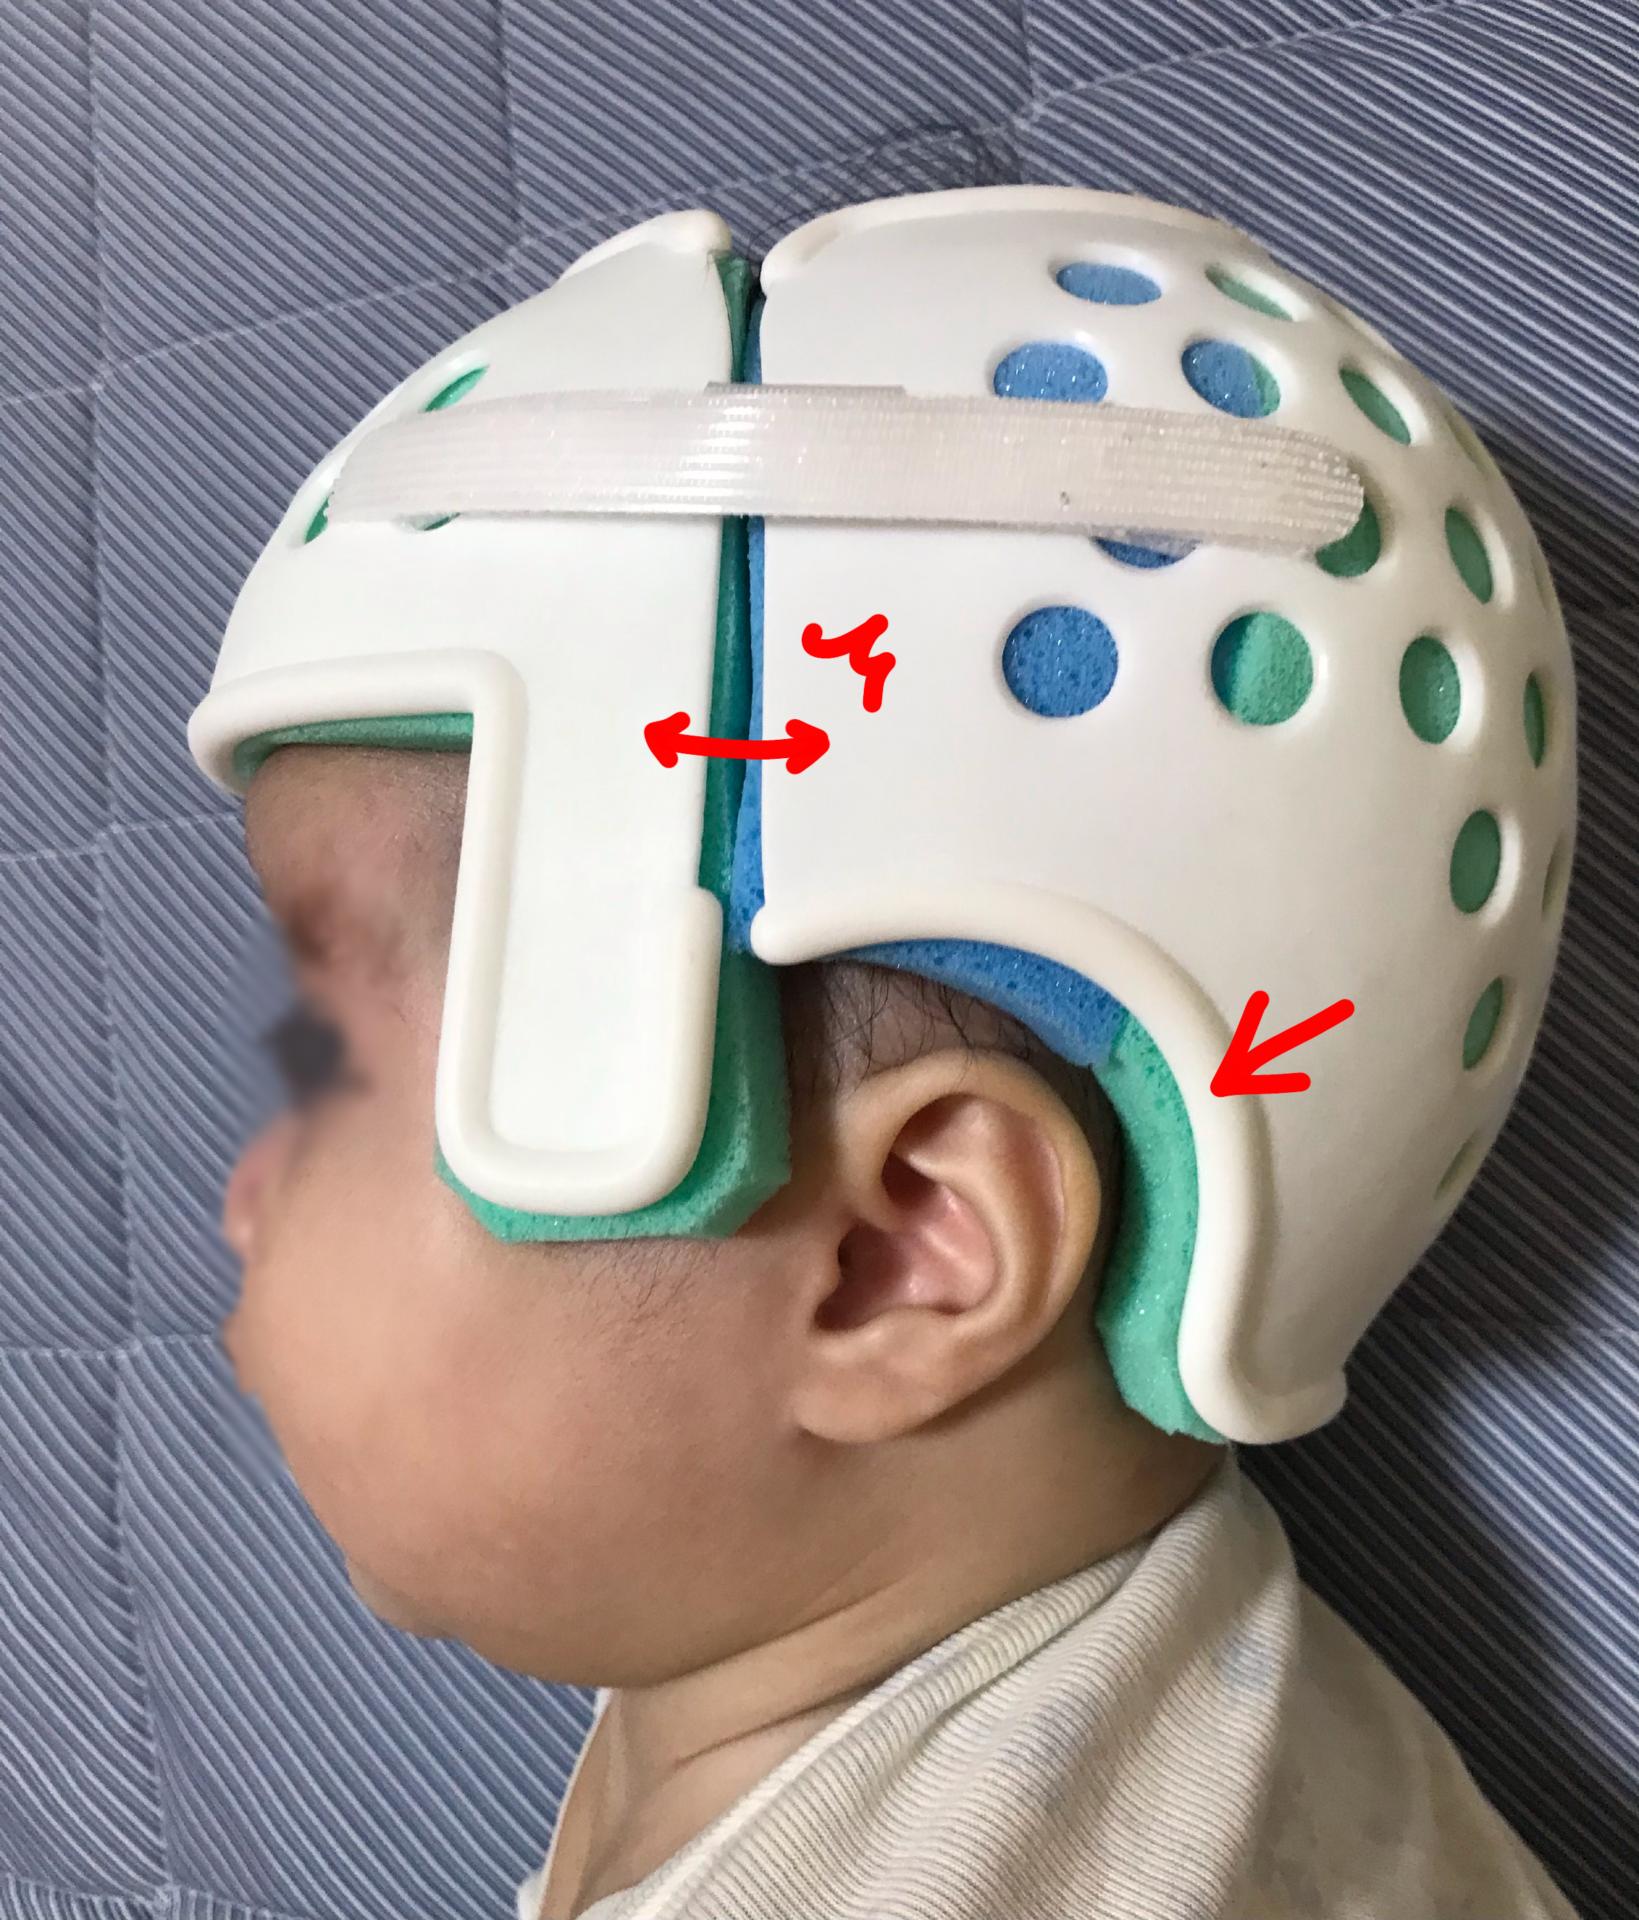 短頭絶壁頭ヘルメット矯正装着注意点